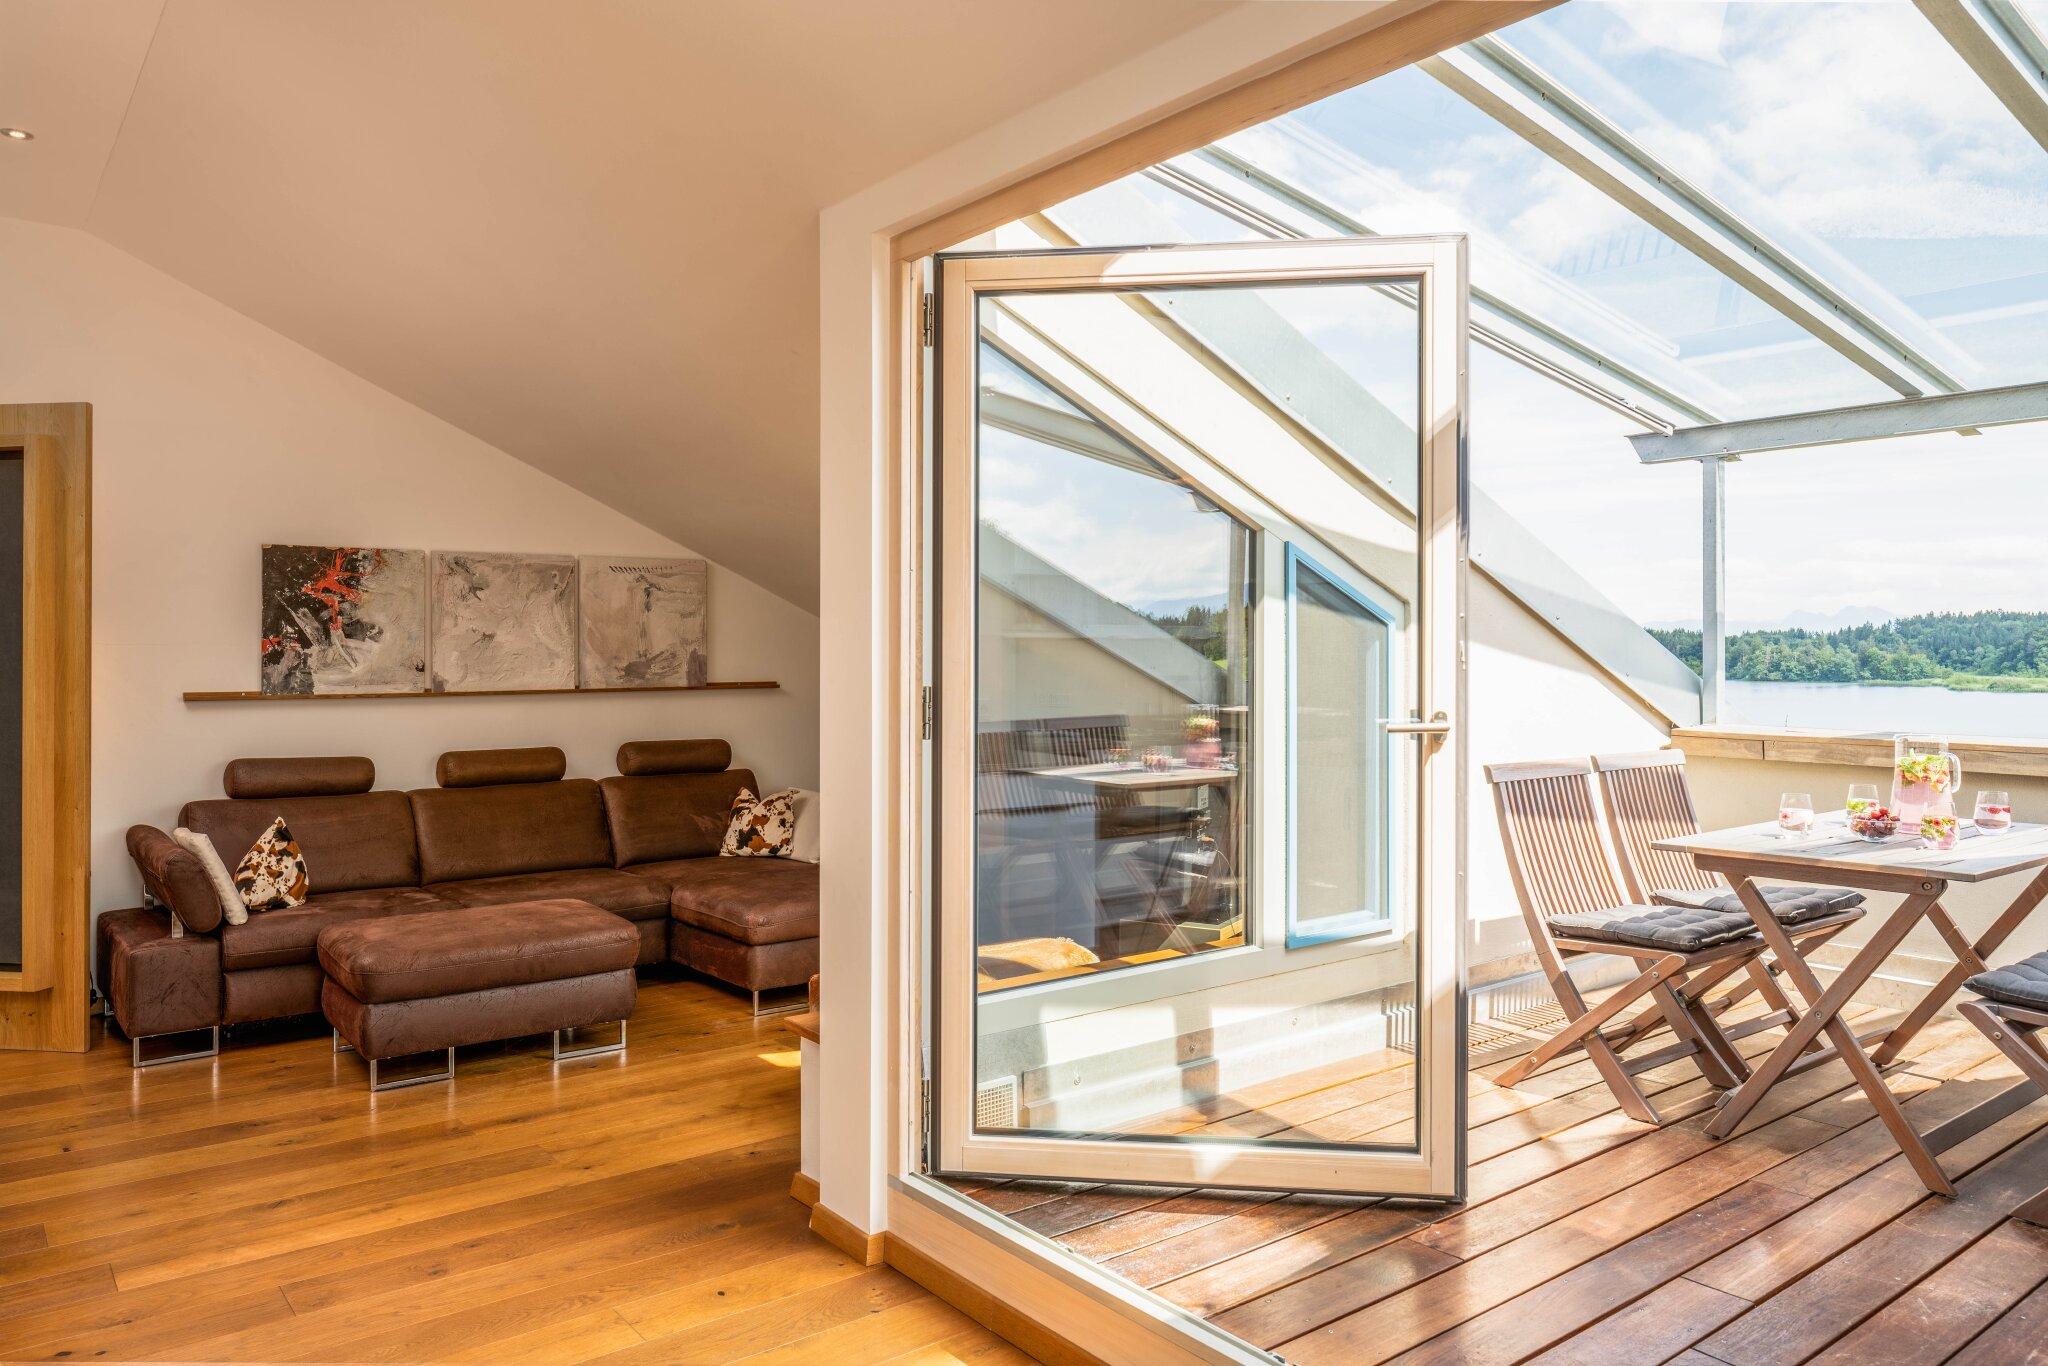 Ferienhaus 'Lebensart-am-See' - Appartement 'Loft 7'